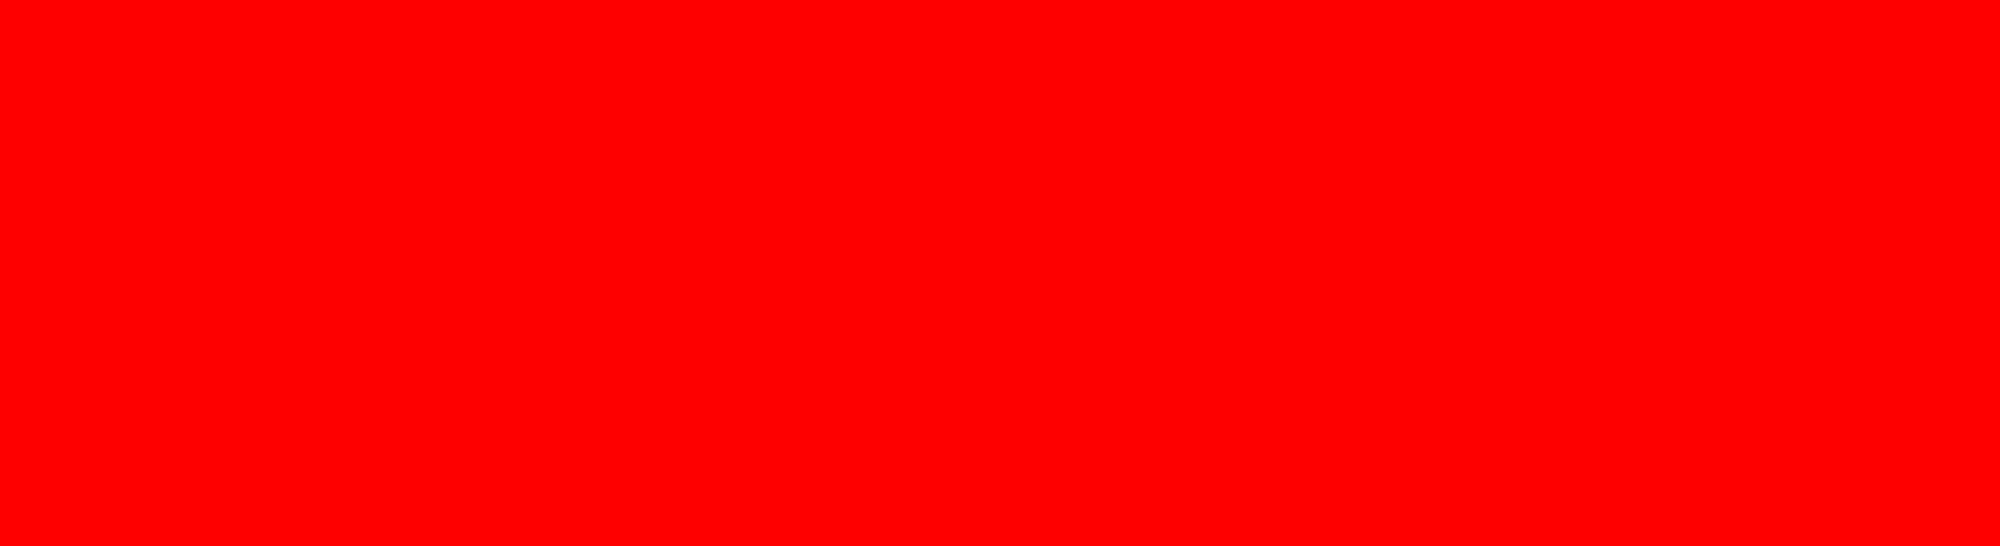 светодиодная техника компании Piton